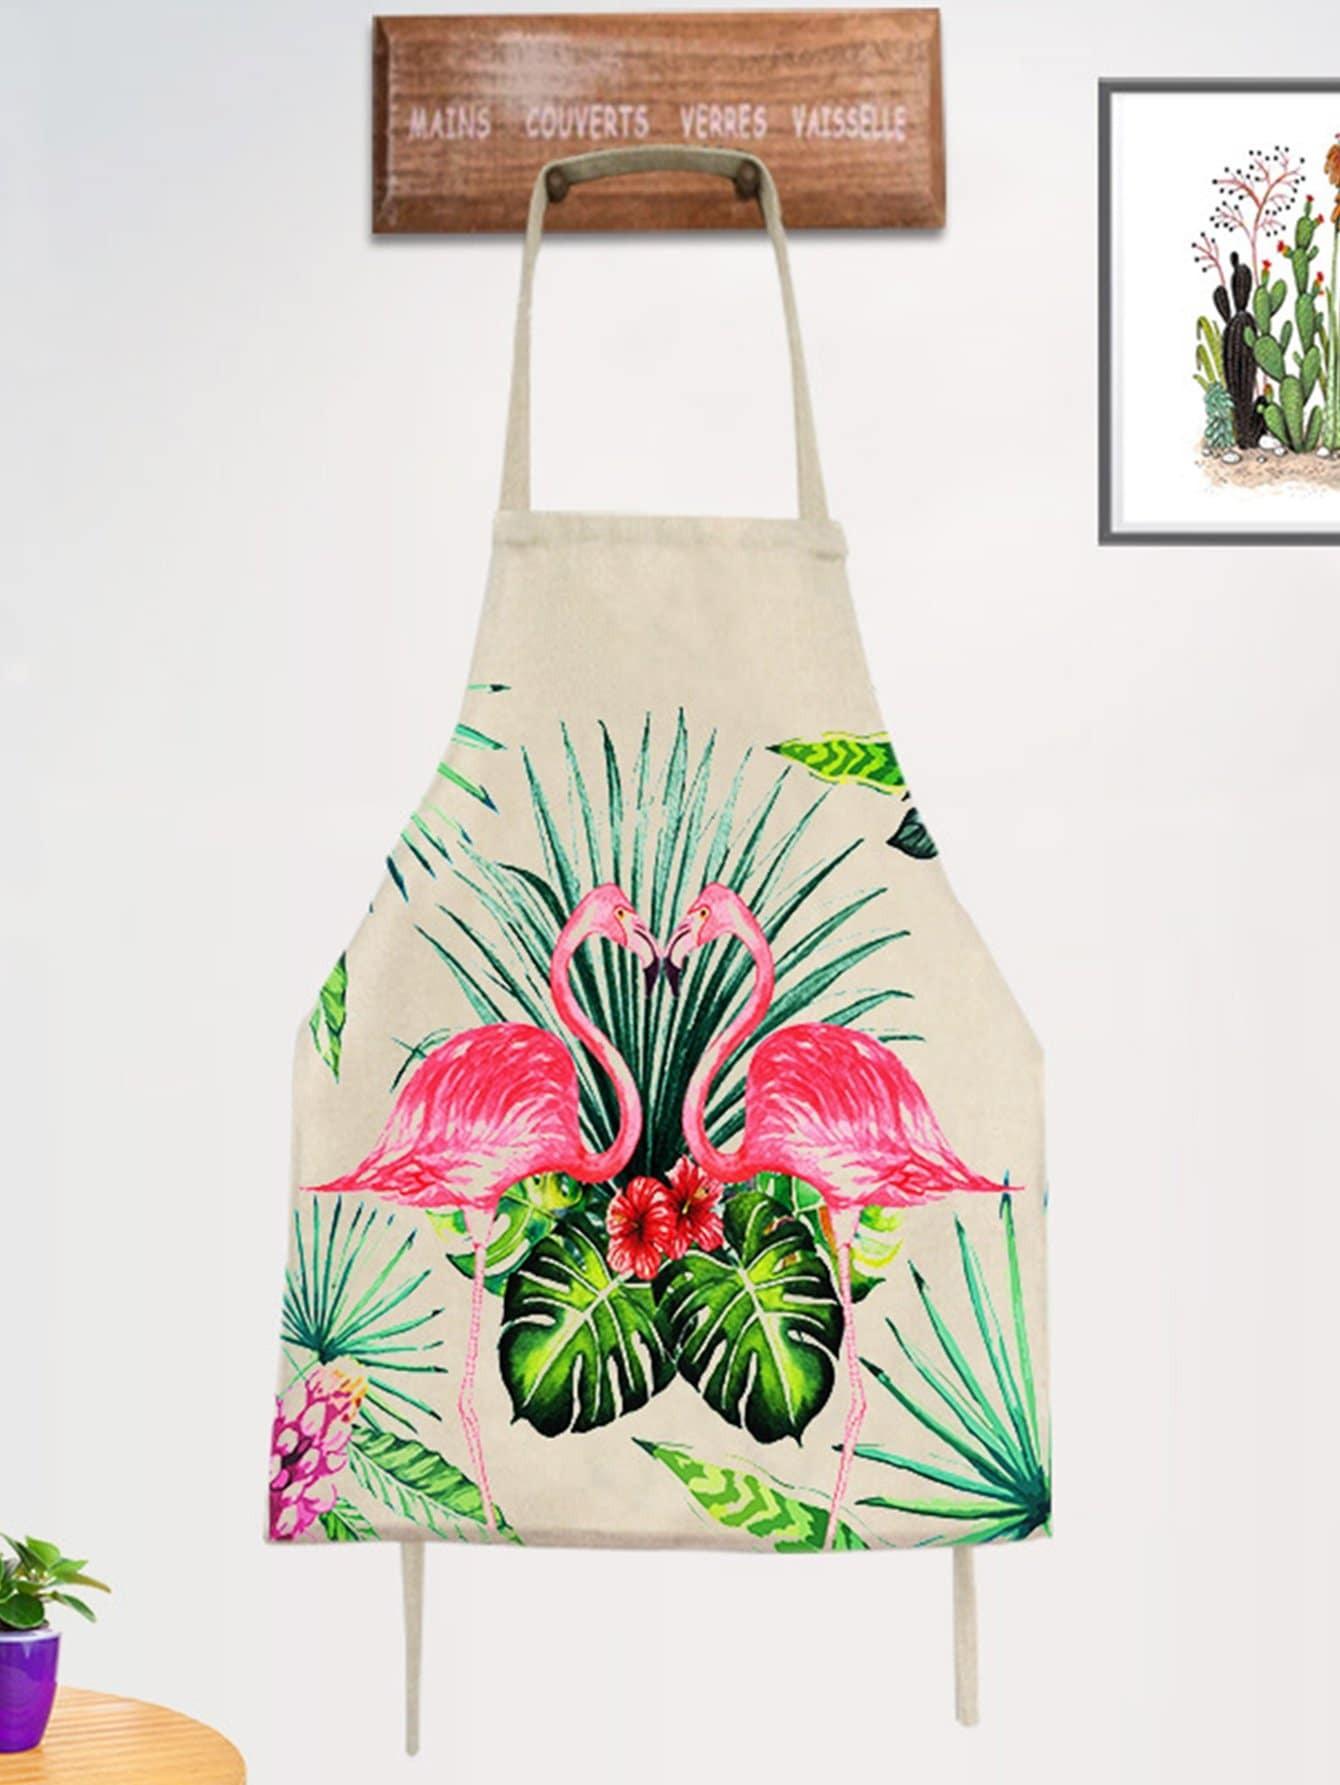 Фартук с рисунками фламинго и тропических листьев